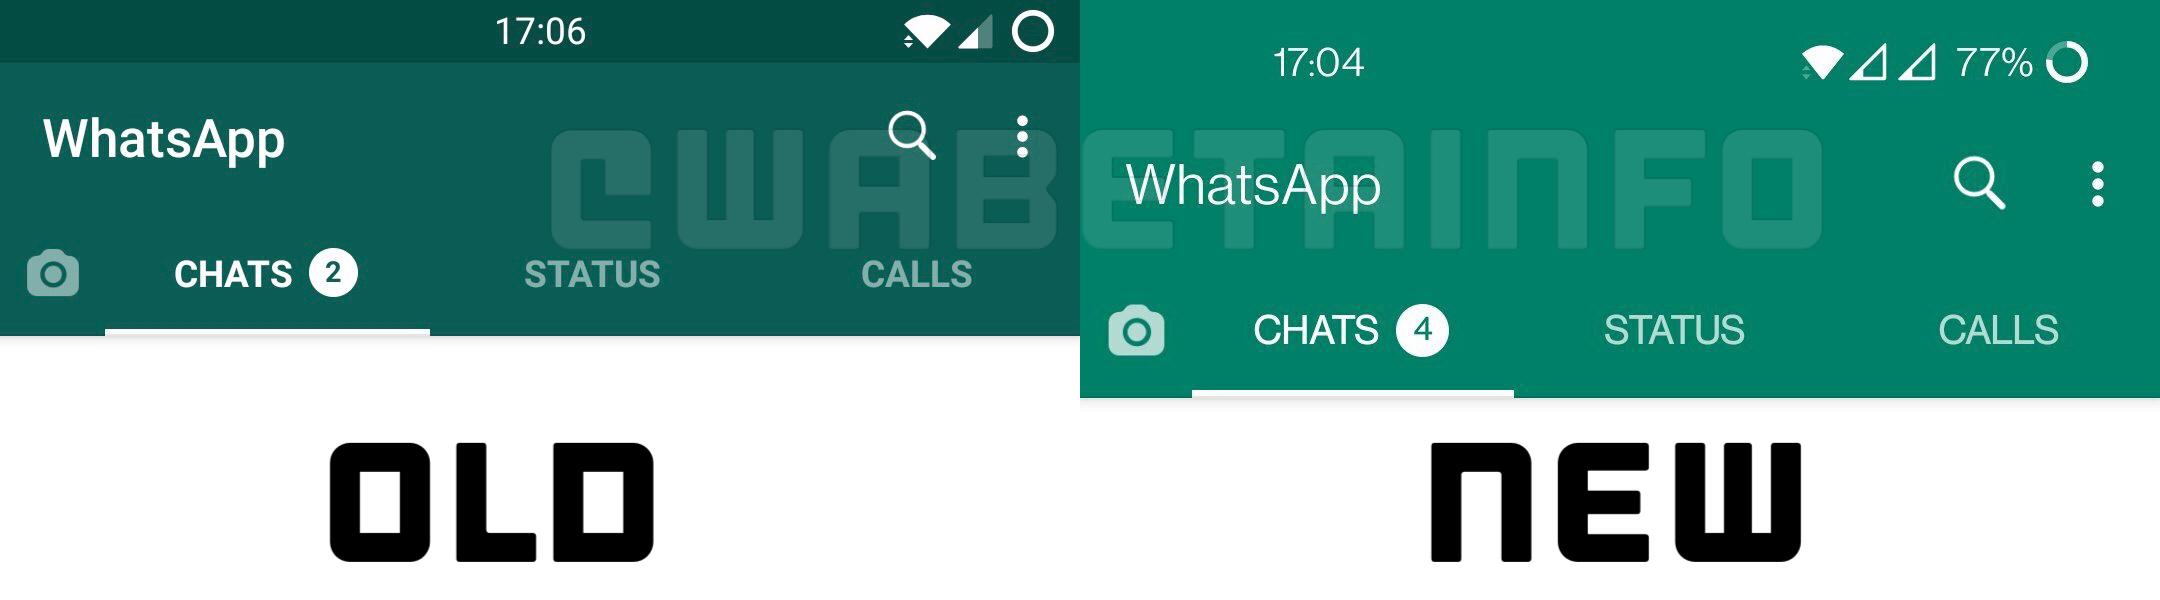 WhatsApp schema interfata